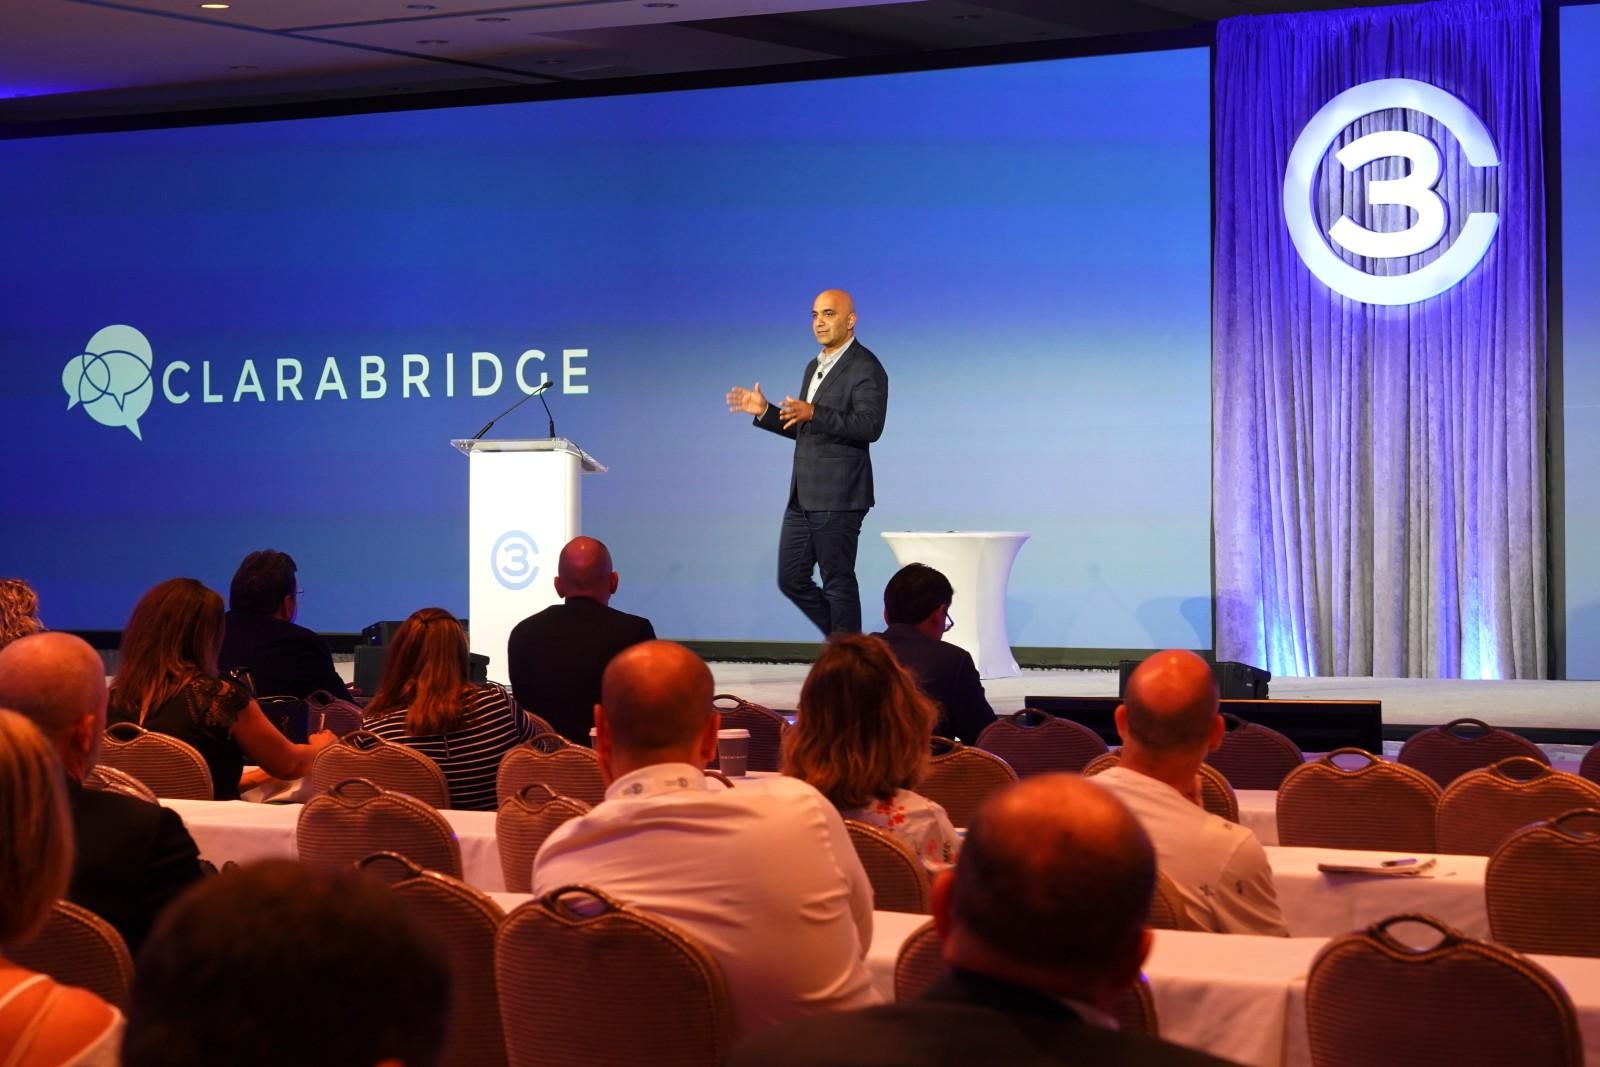 Clarabridge treibt mit innovativer Customer Experience Technologie digitales Engagement voran